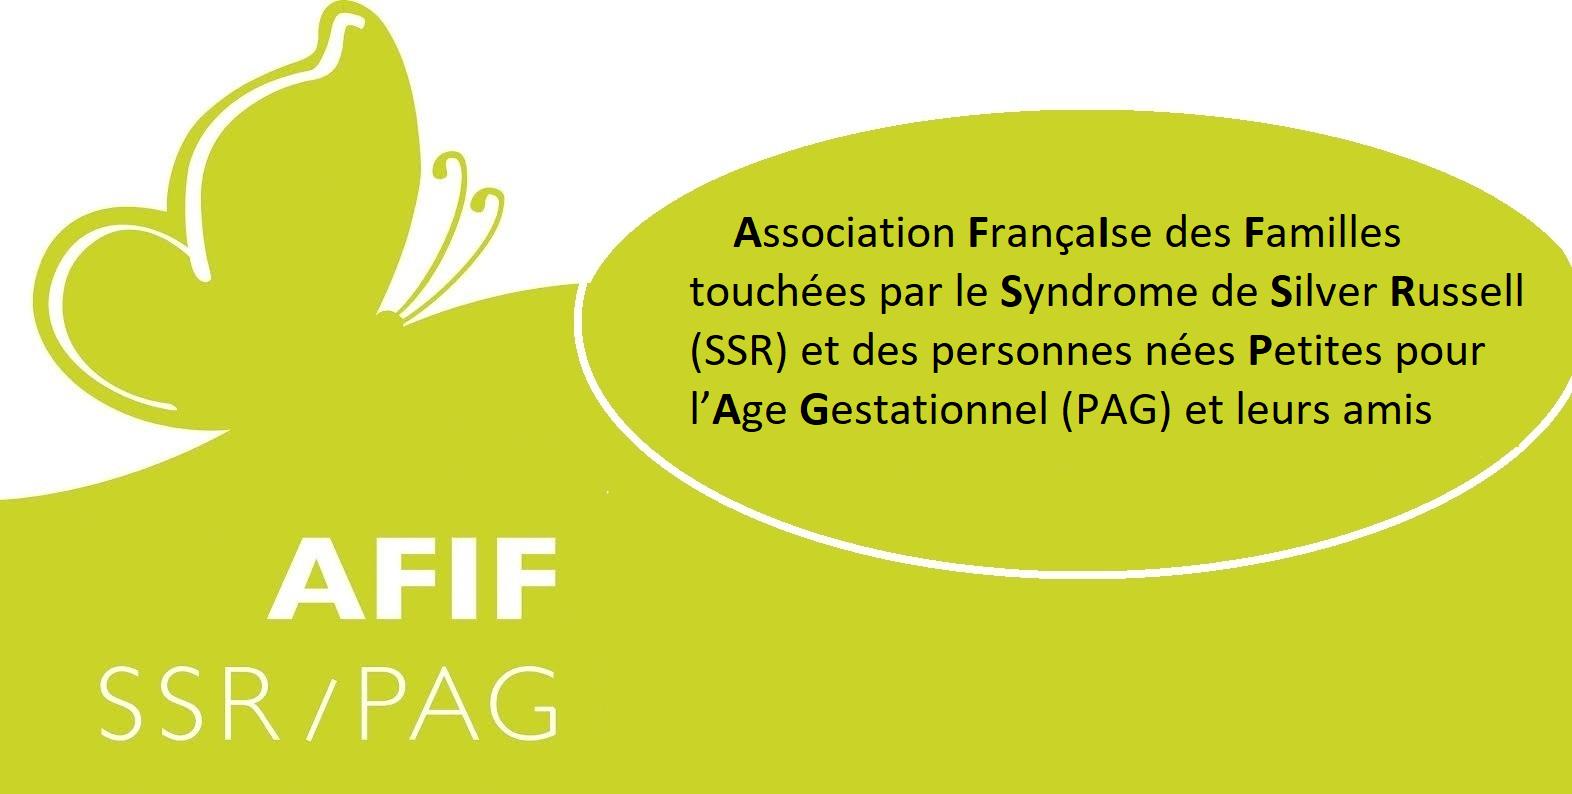 Présentation des membres du conseil d'administration de l'AFIF